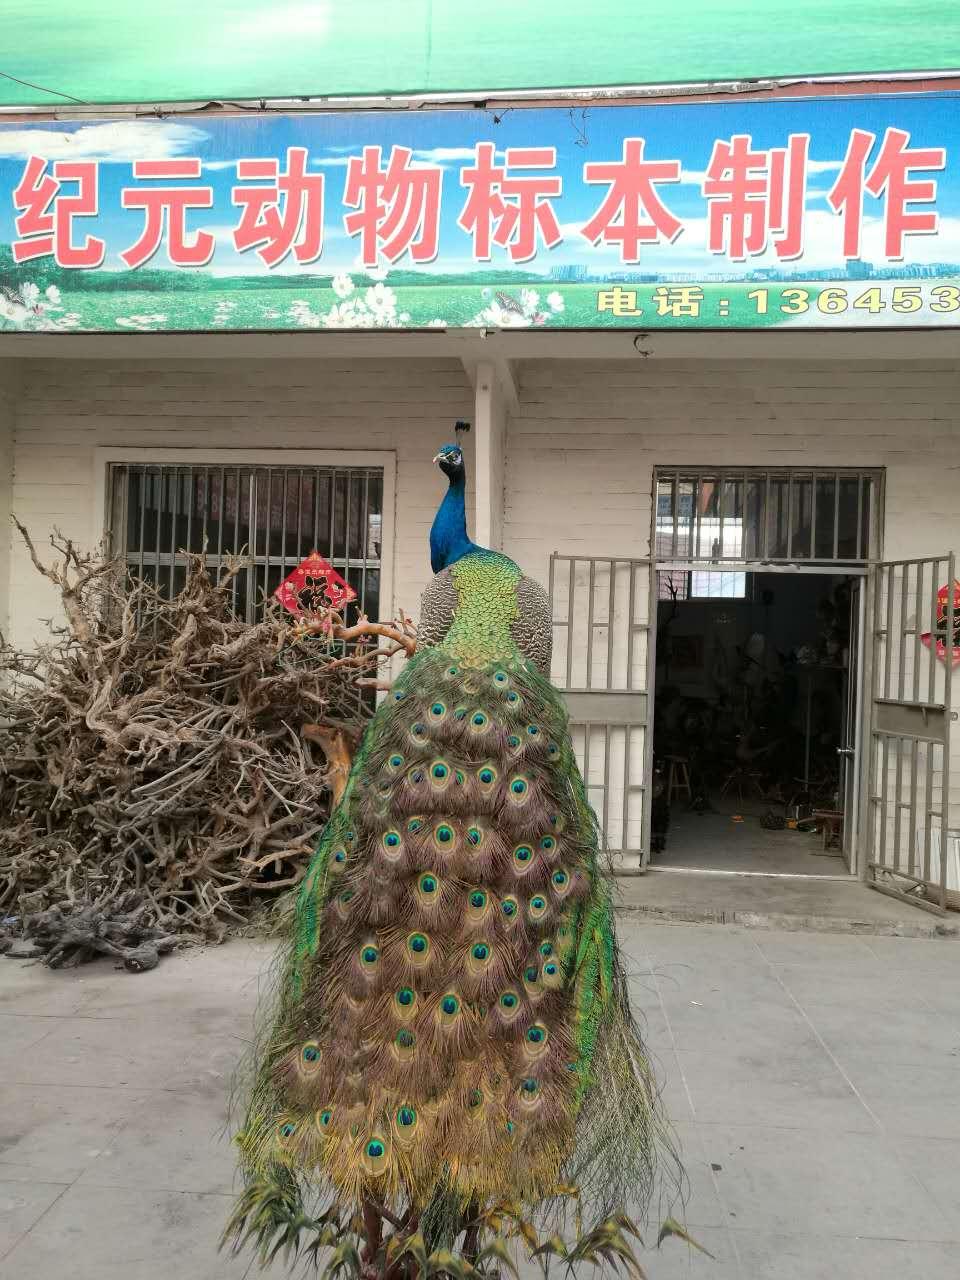 【你成功引起我的注意】山东孔雀标本#潍坊孔雀标本加工